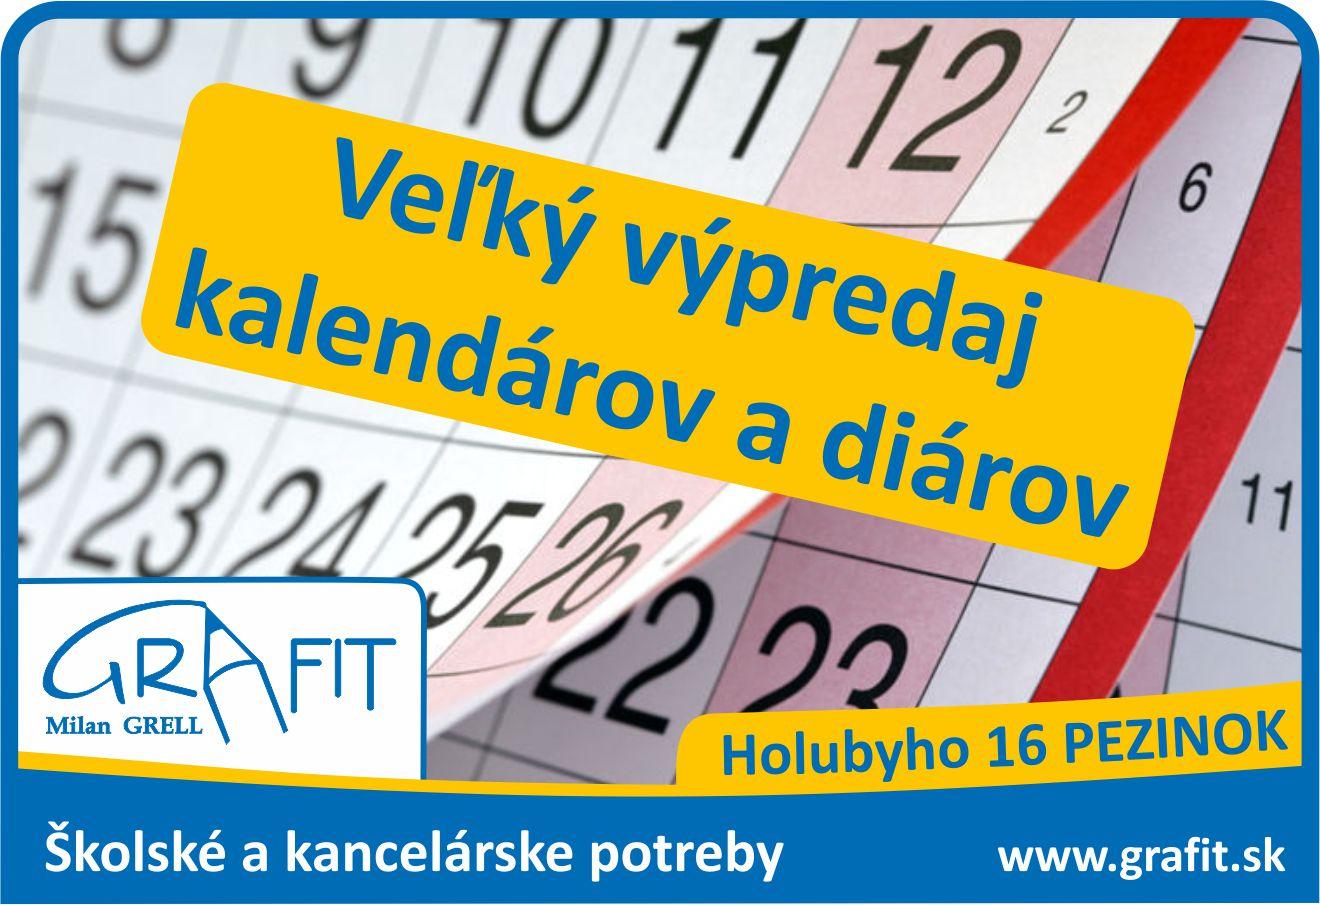 Grafit sortiment vypredaj kalendarov